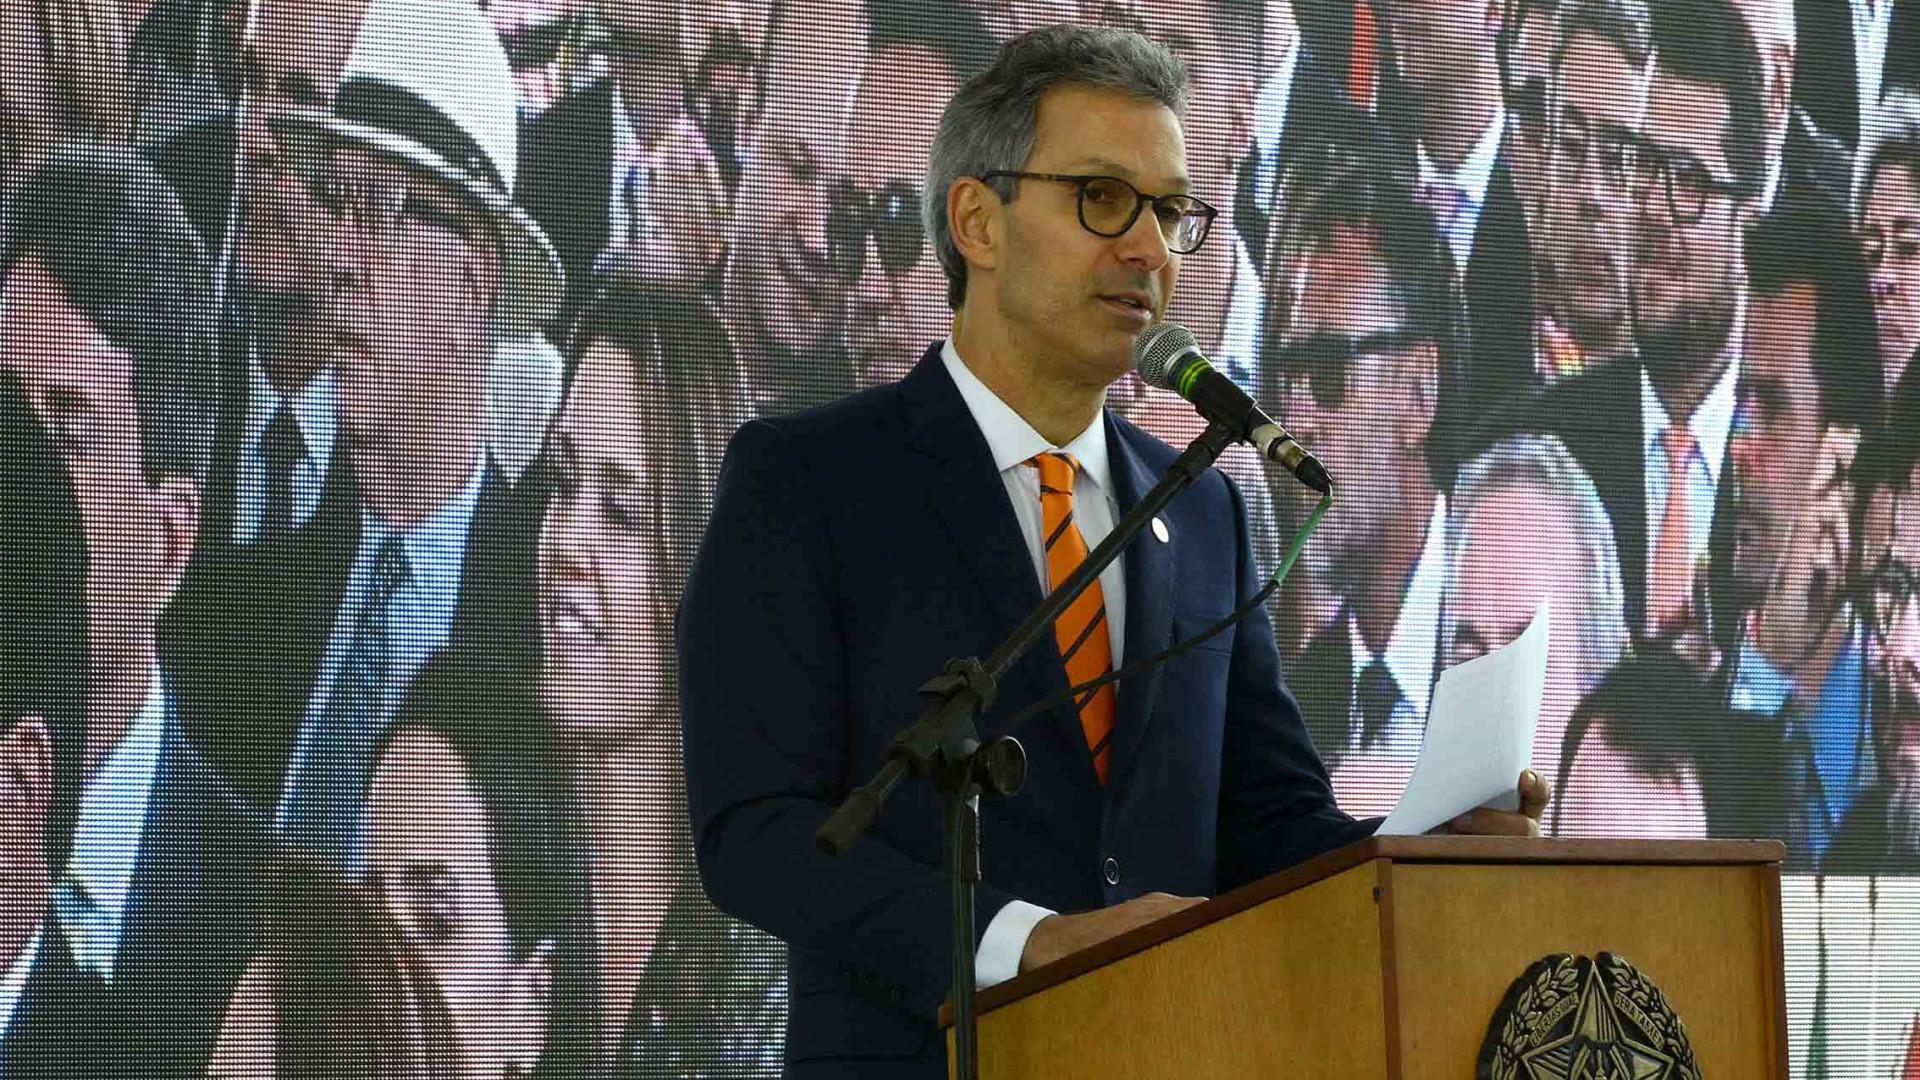 Governador de MG teve cidadania italiana cassada por fraude